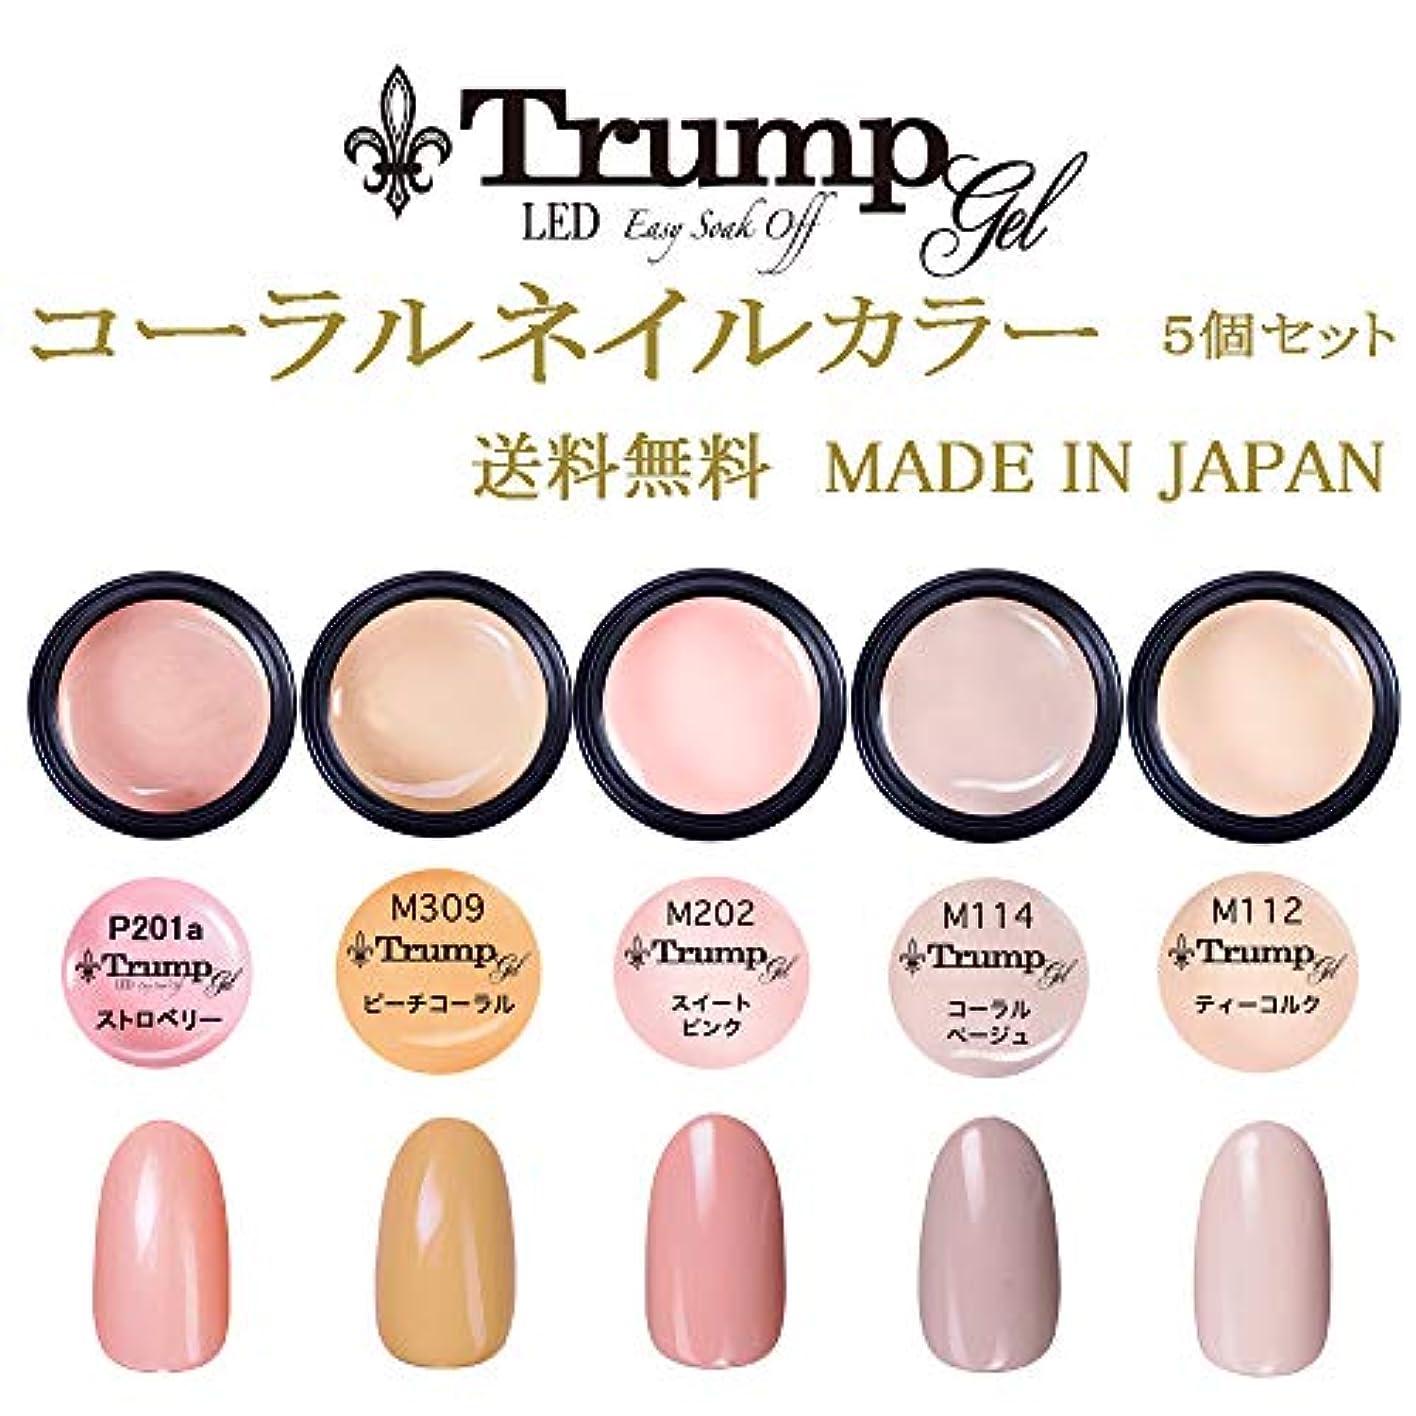 パレードブロッサム戦士【送料無料】日本製 Trump gel トランプジェル コーラルネイル カラージェル 5個セット 明るくて可愛い コーラルネイルカラージェルセット